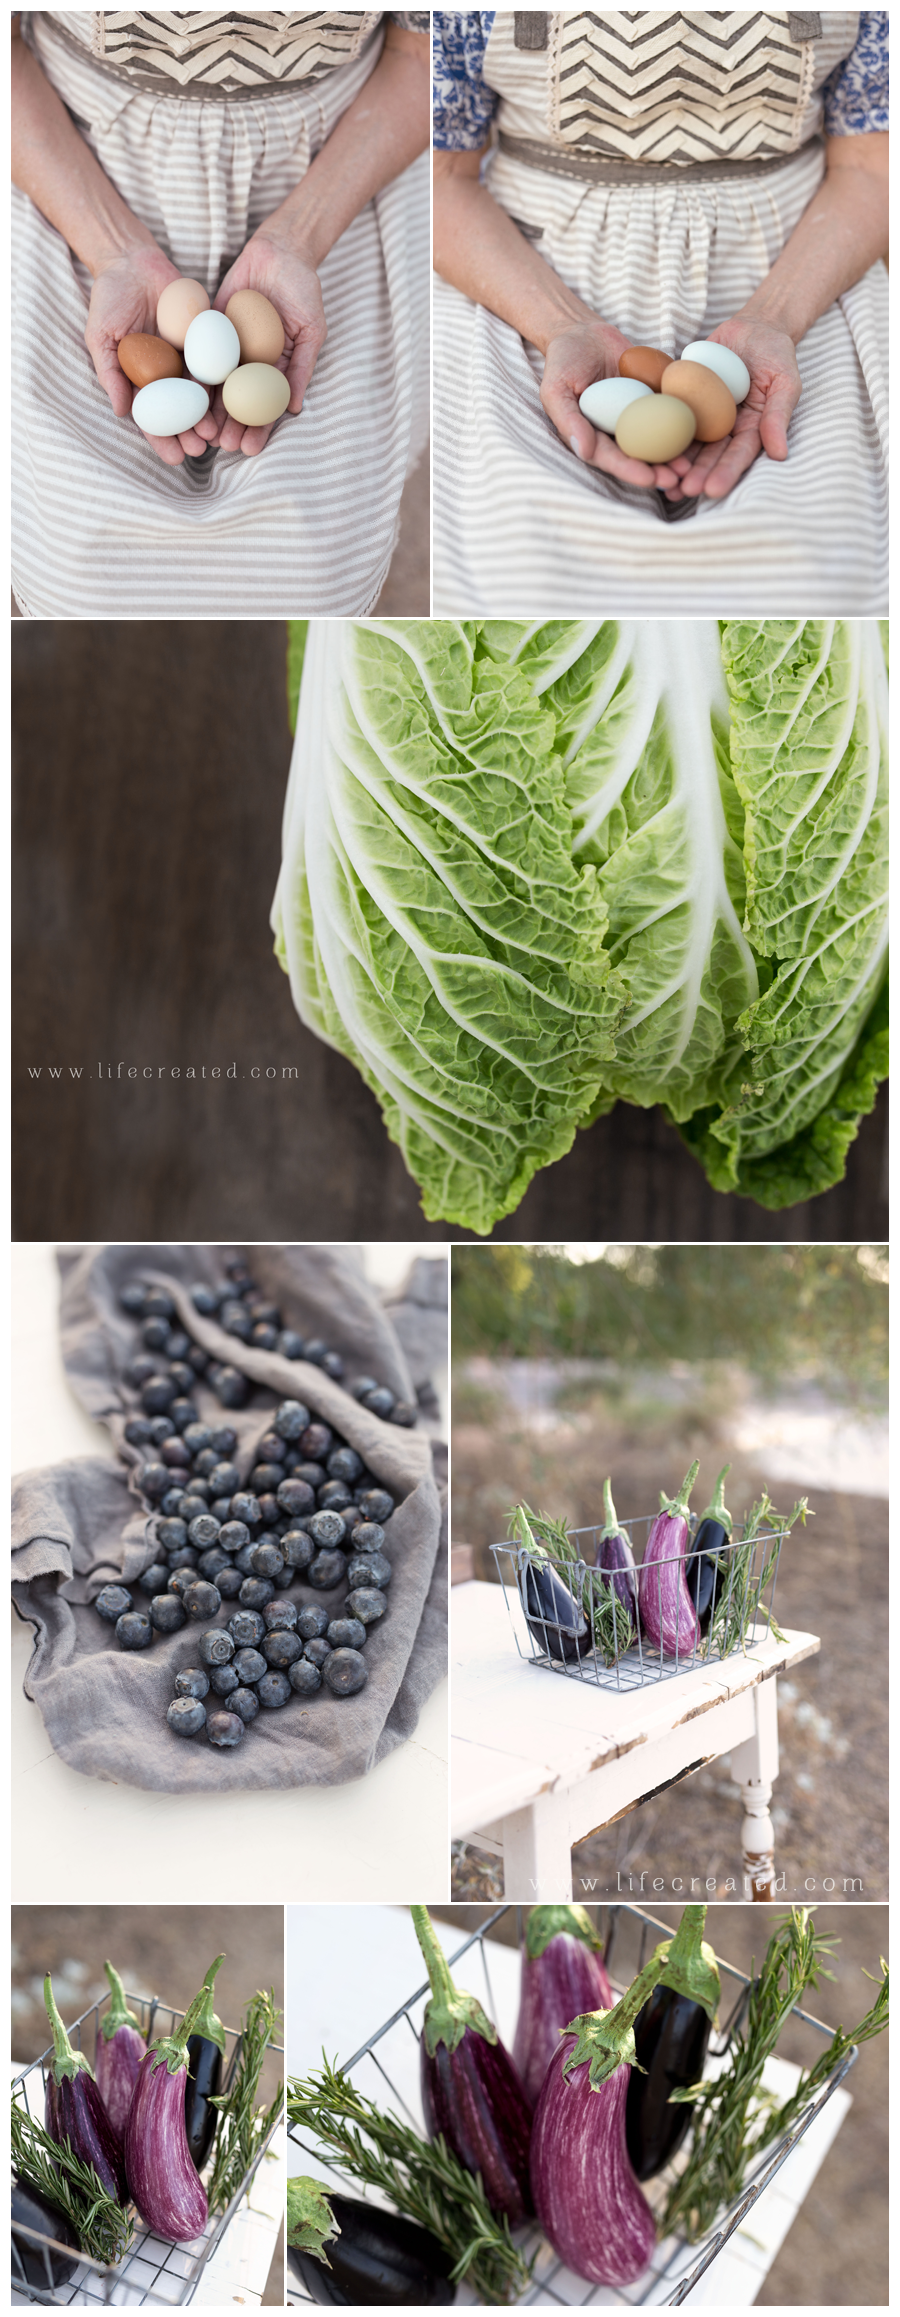 farm food photography